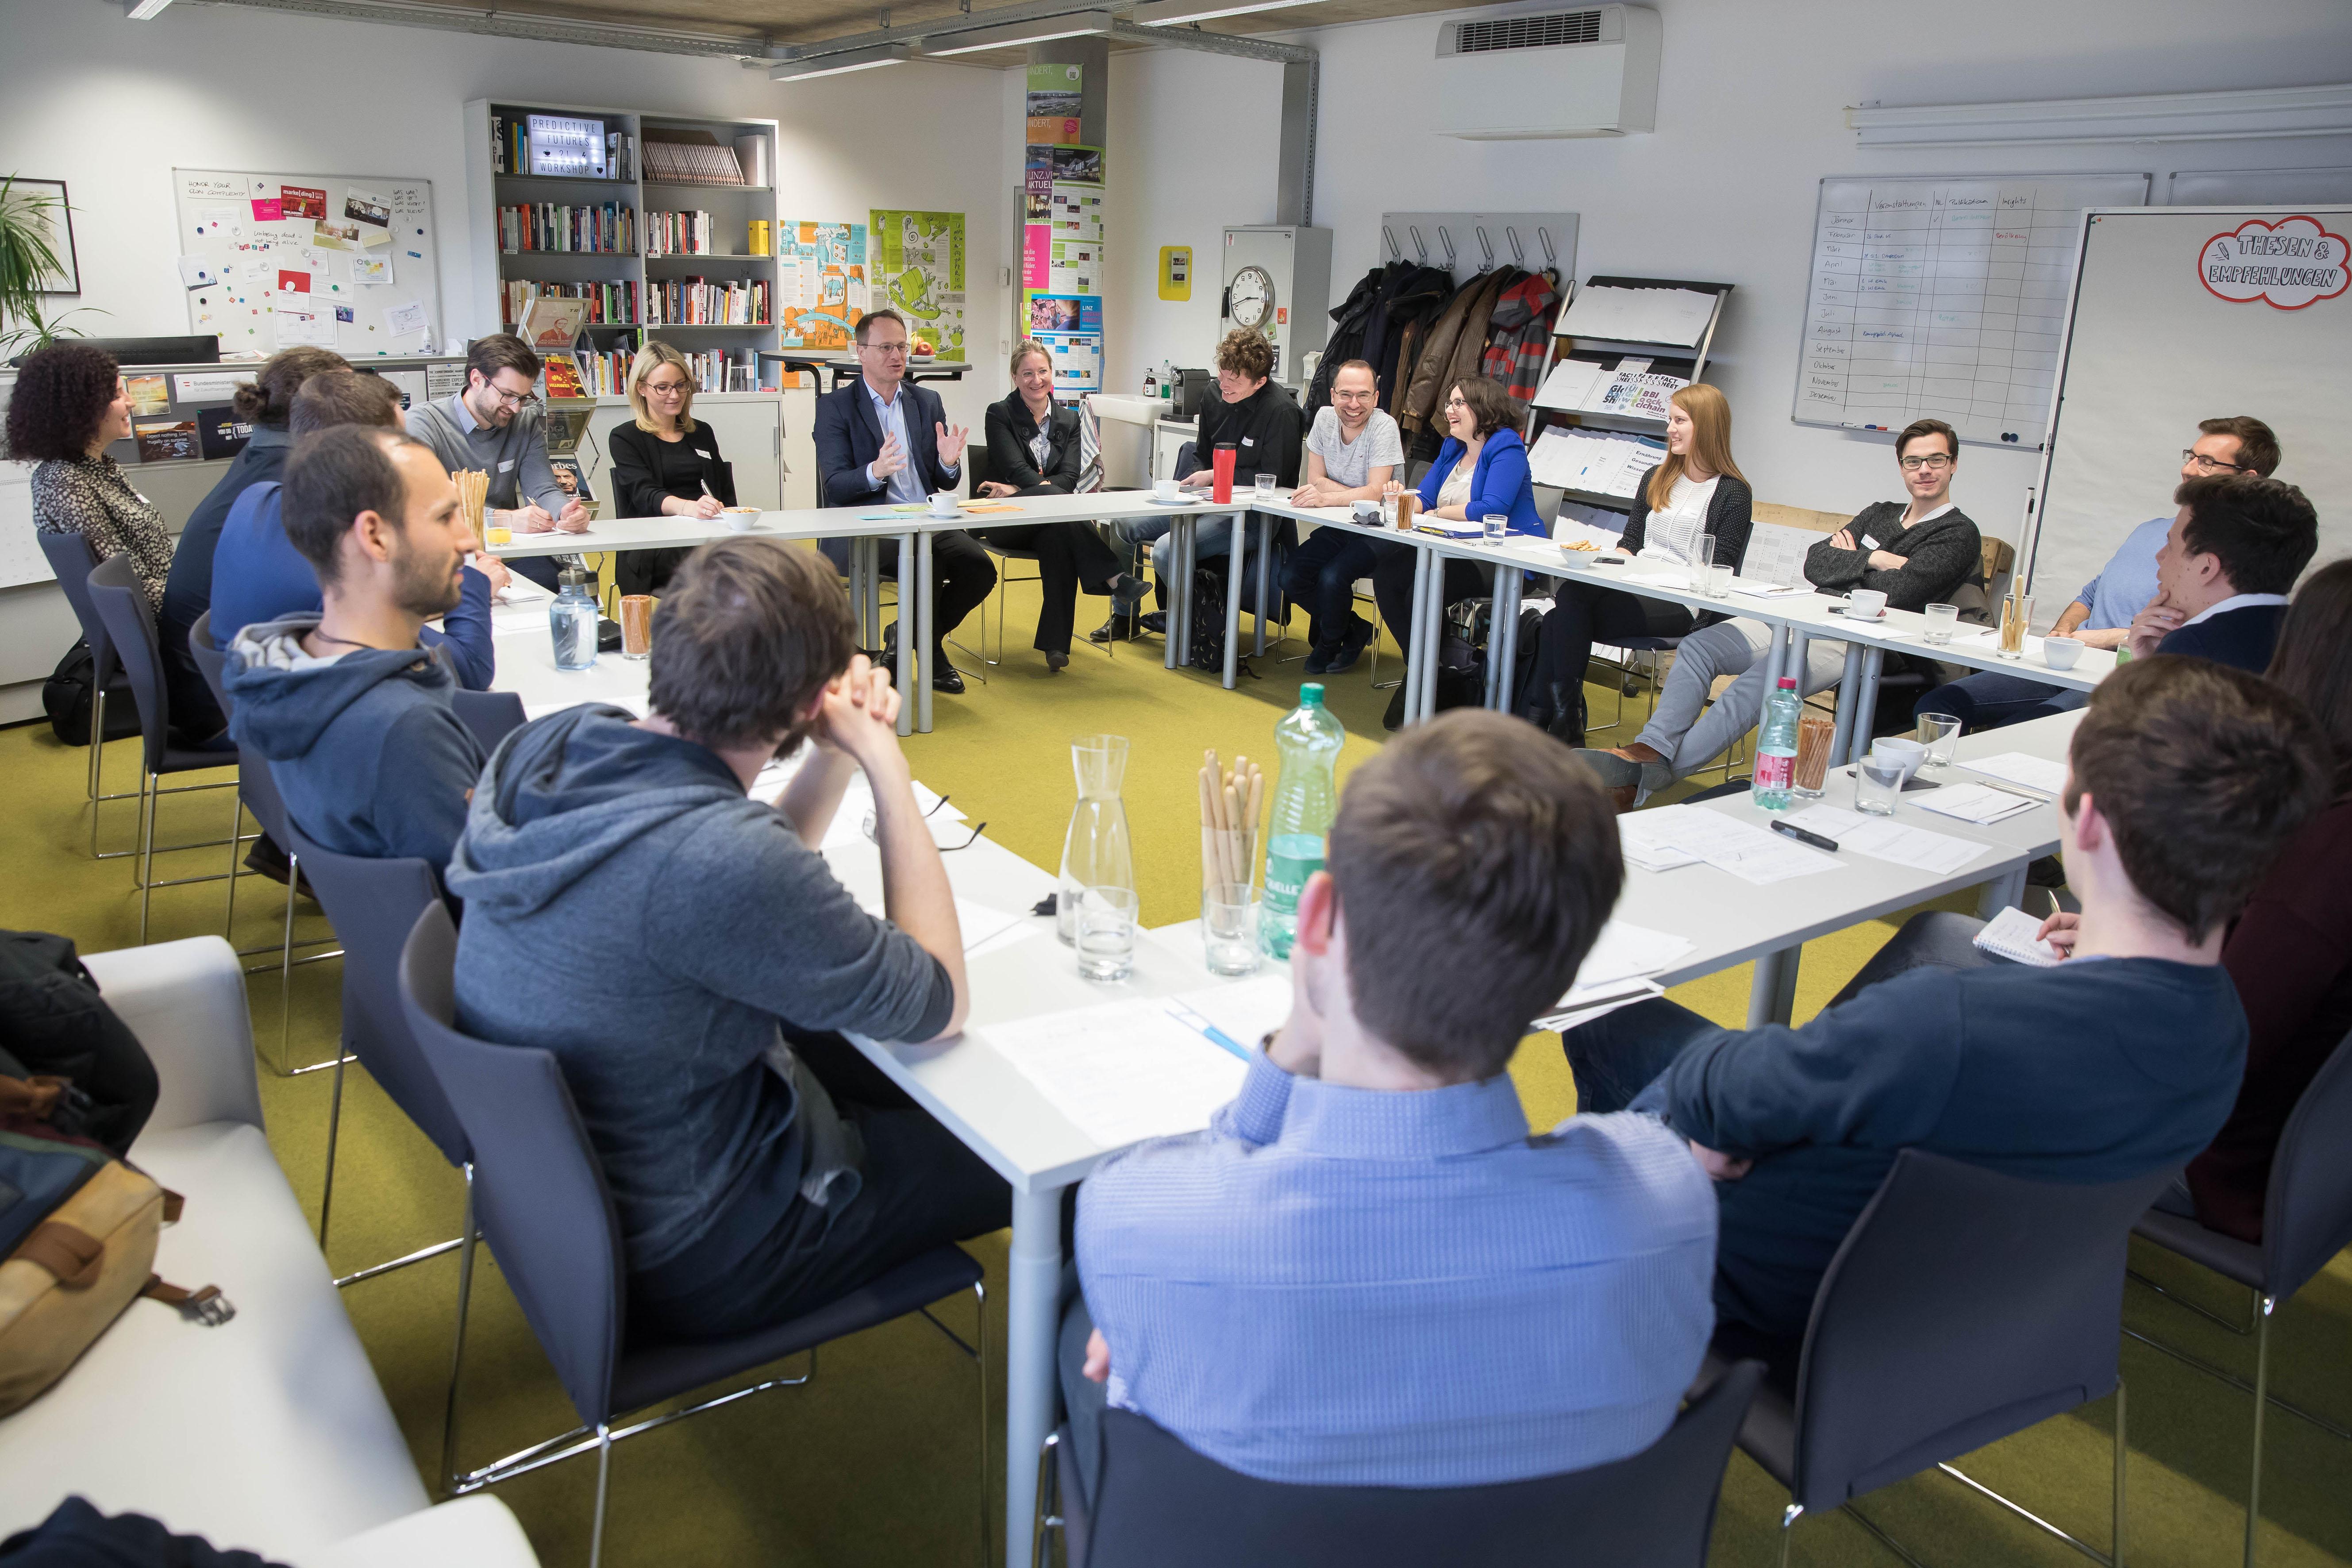 Foto 2: Studierende und Markus Hengstschläger bei den Diskussionen in der ACADEMIA SUPERIOR